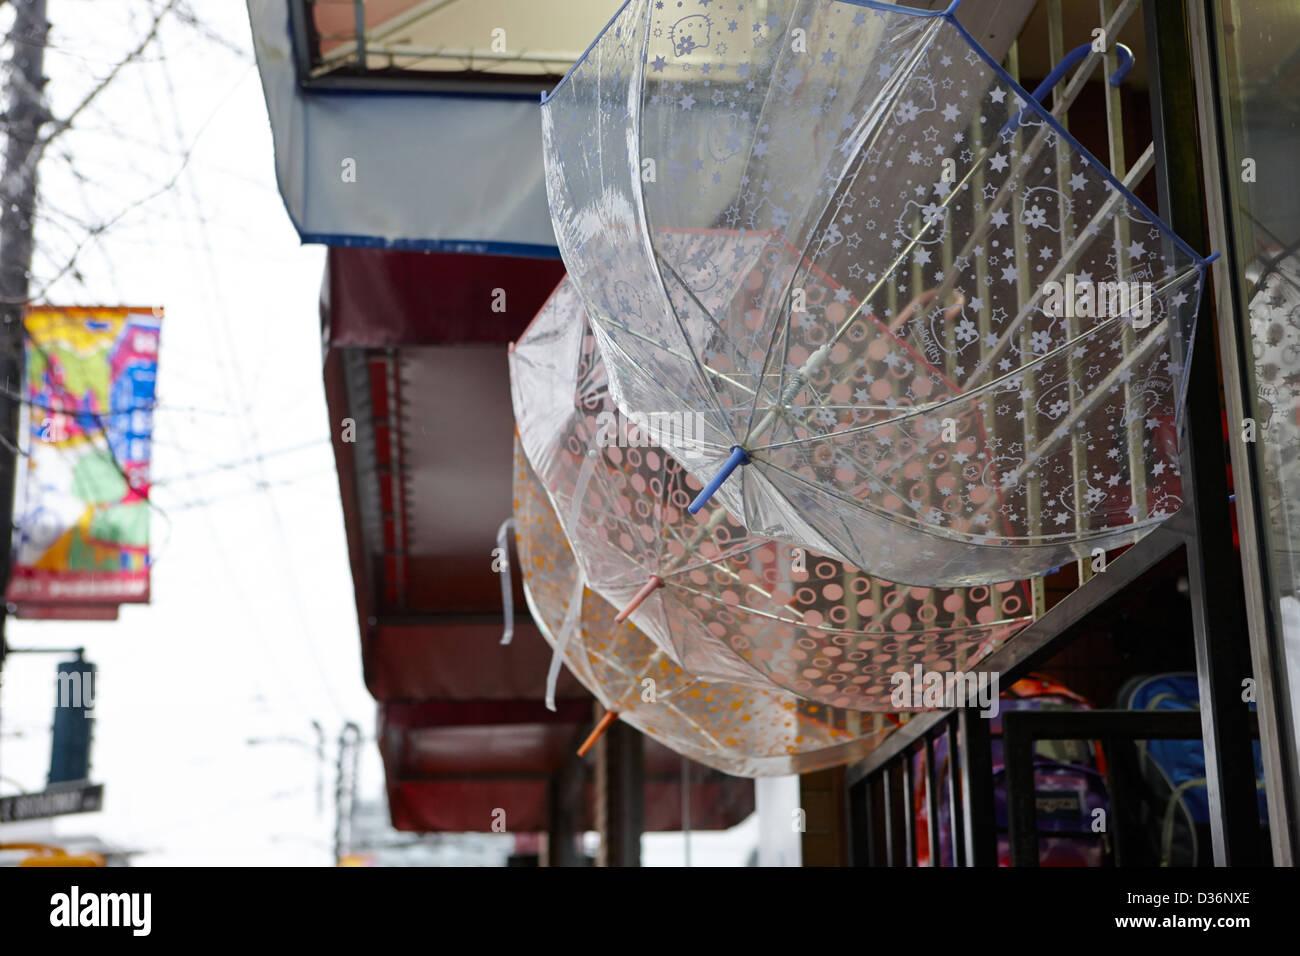 transparente Regenschirme draußen hängen in einem Geschäft an einem nassen Regentag in der Innenstadt Stockbild